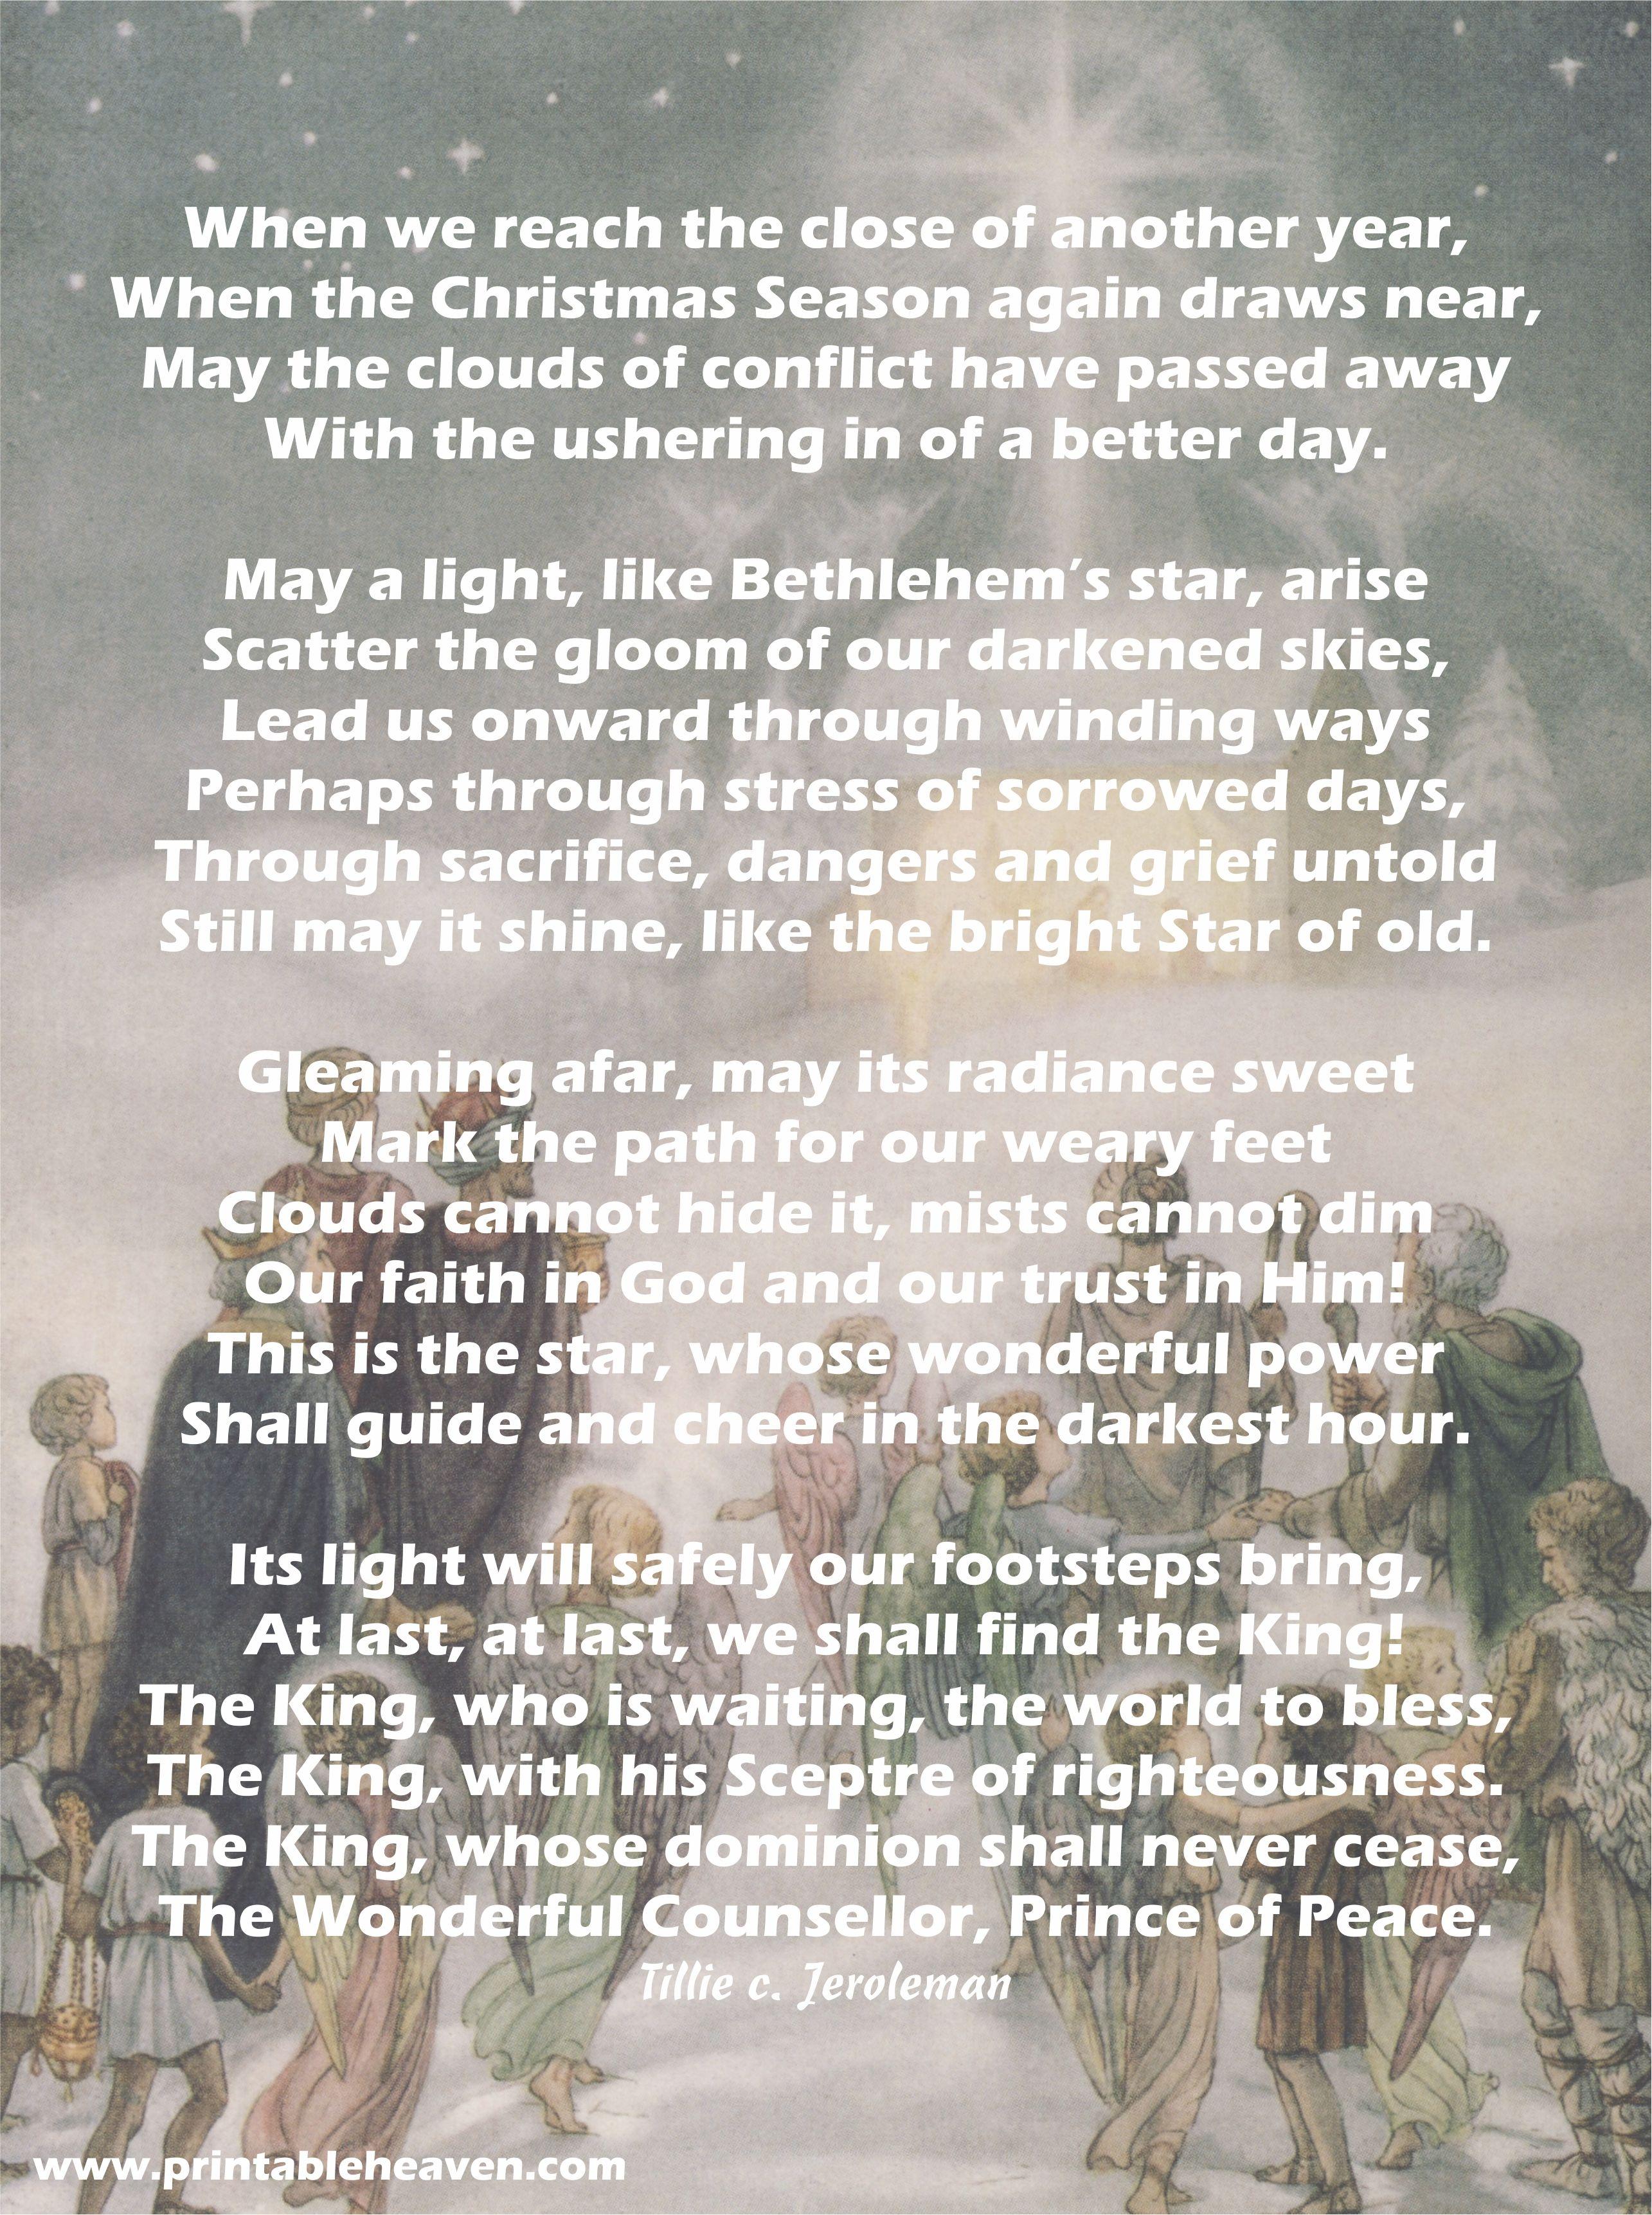 lovely religious christmas poem wwwprintableheavencom - Religious Christmas Poems